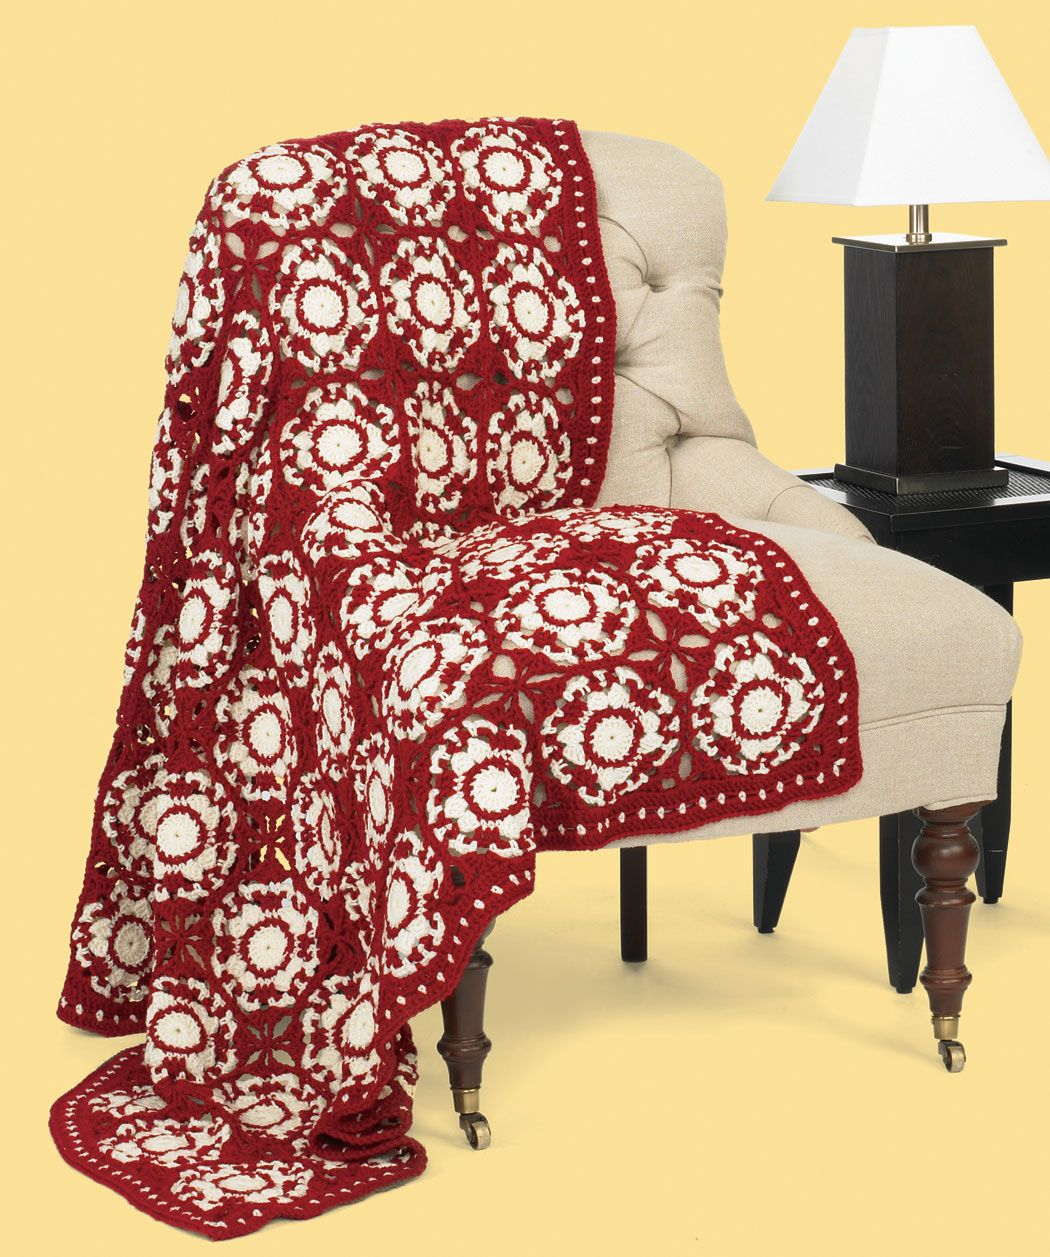 Diese Decke erinnert an Keramikfliesen und setzt durch die ...